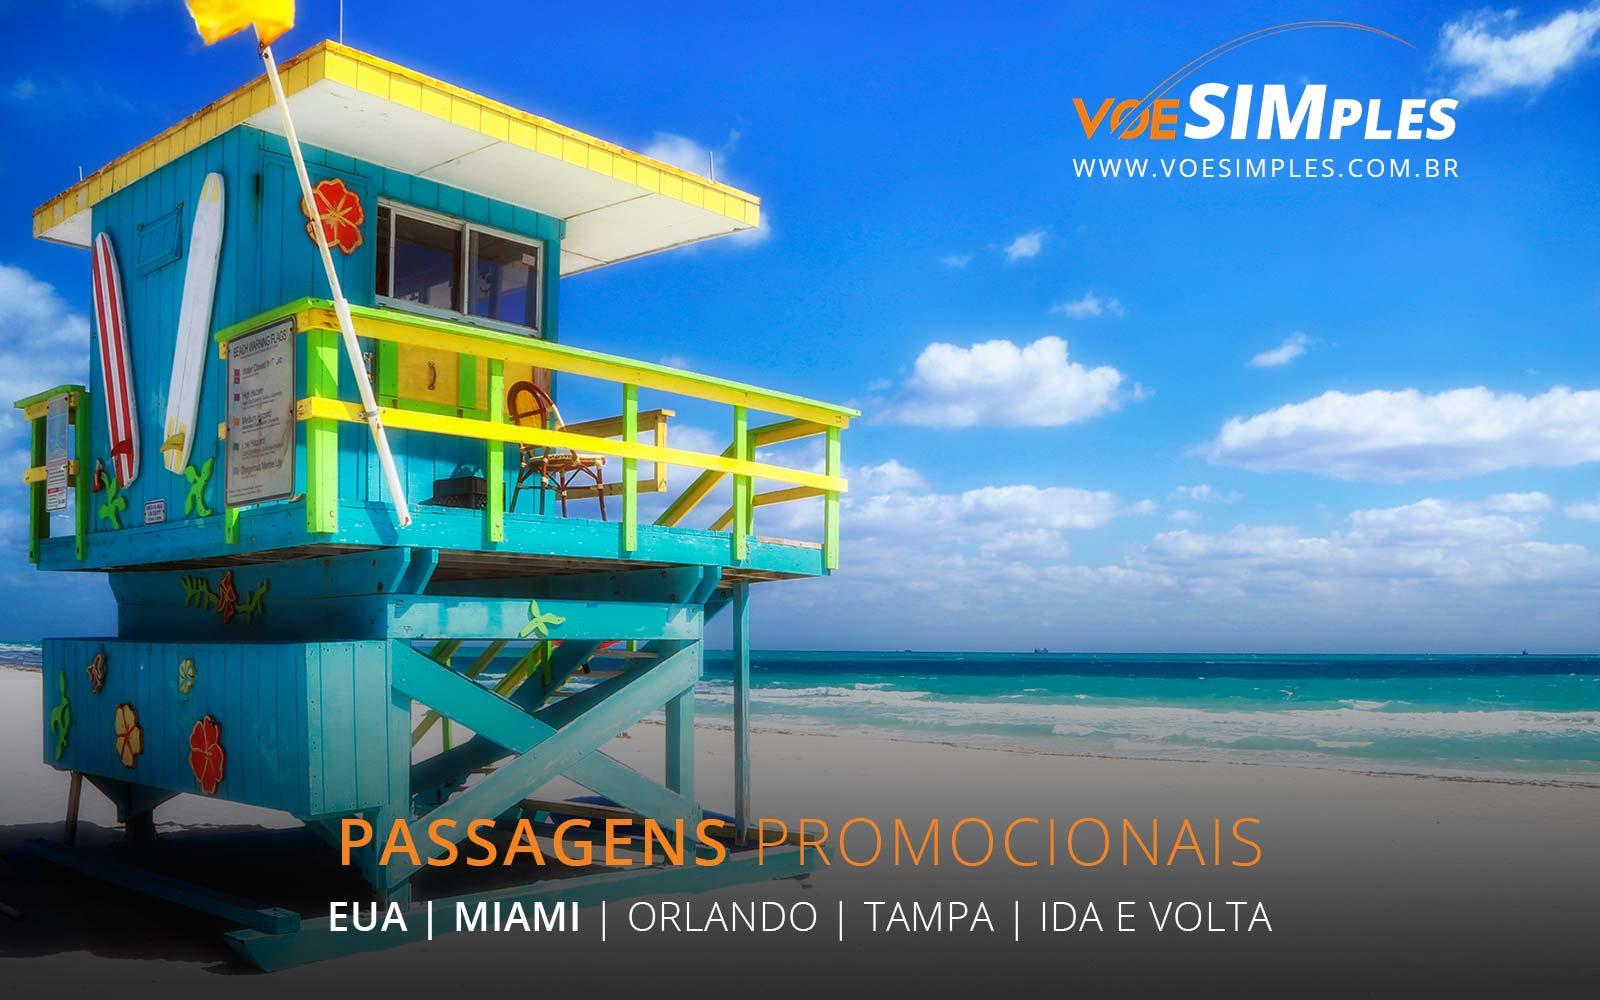 passagens-aerea-promocional-eua-voe-simples-passagens-aereas-baratas-promocao-passagem-aviao-passagens-aereas-brasil-miami-orlando-tampa-fort-lauderdale